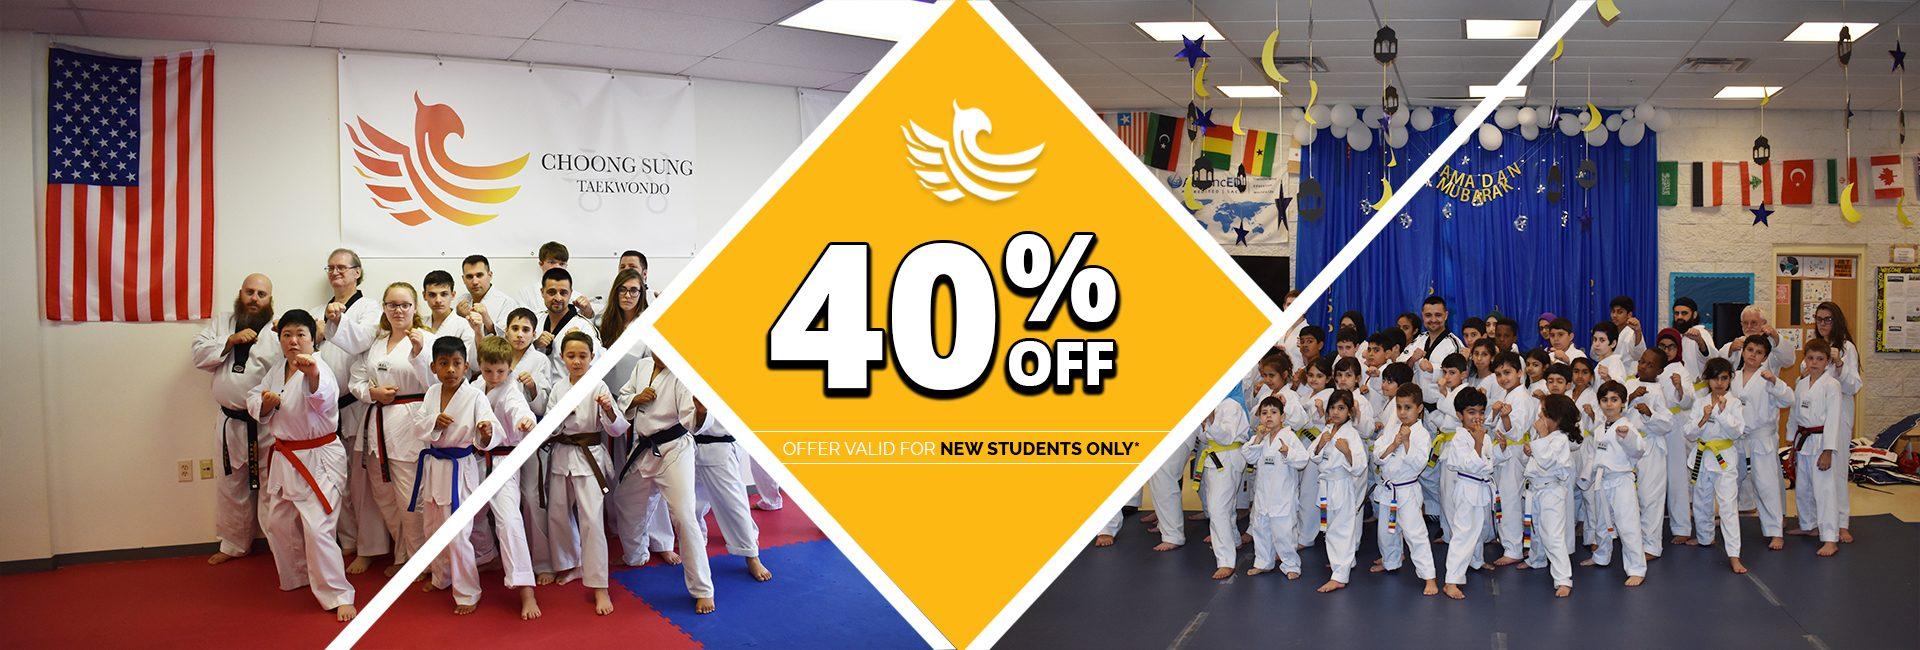 choongsung-40%-offer